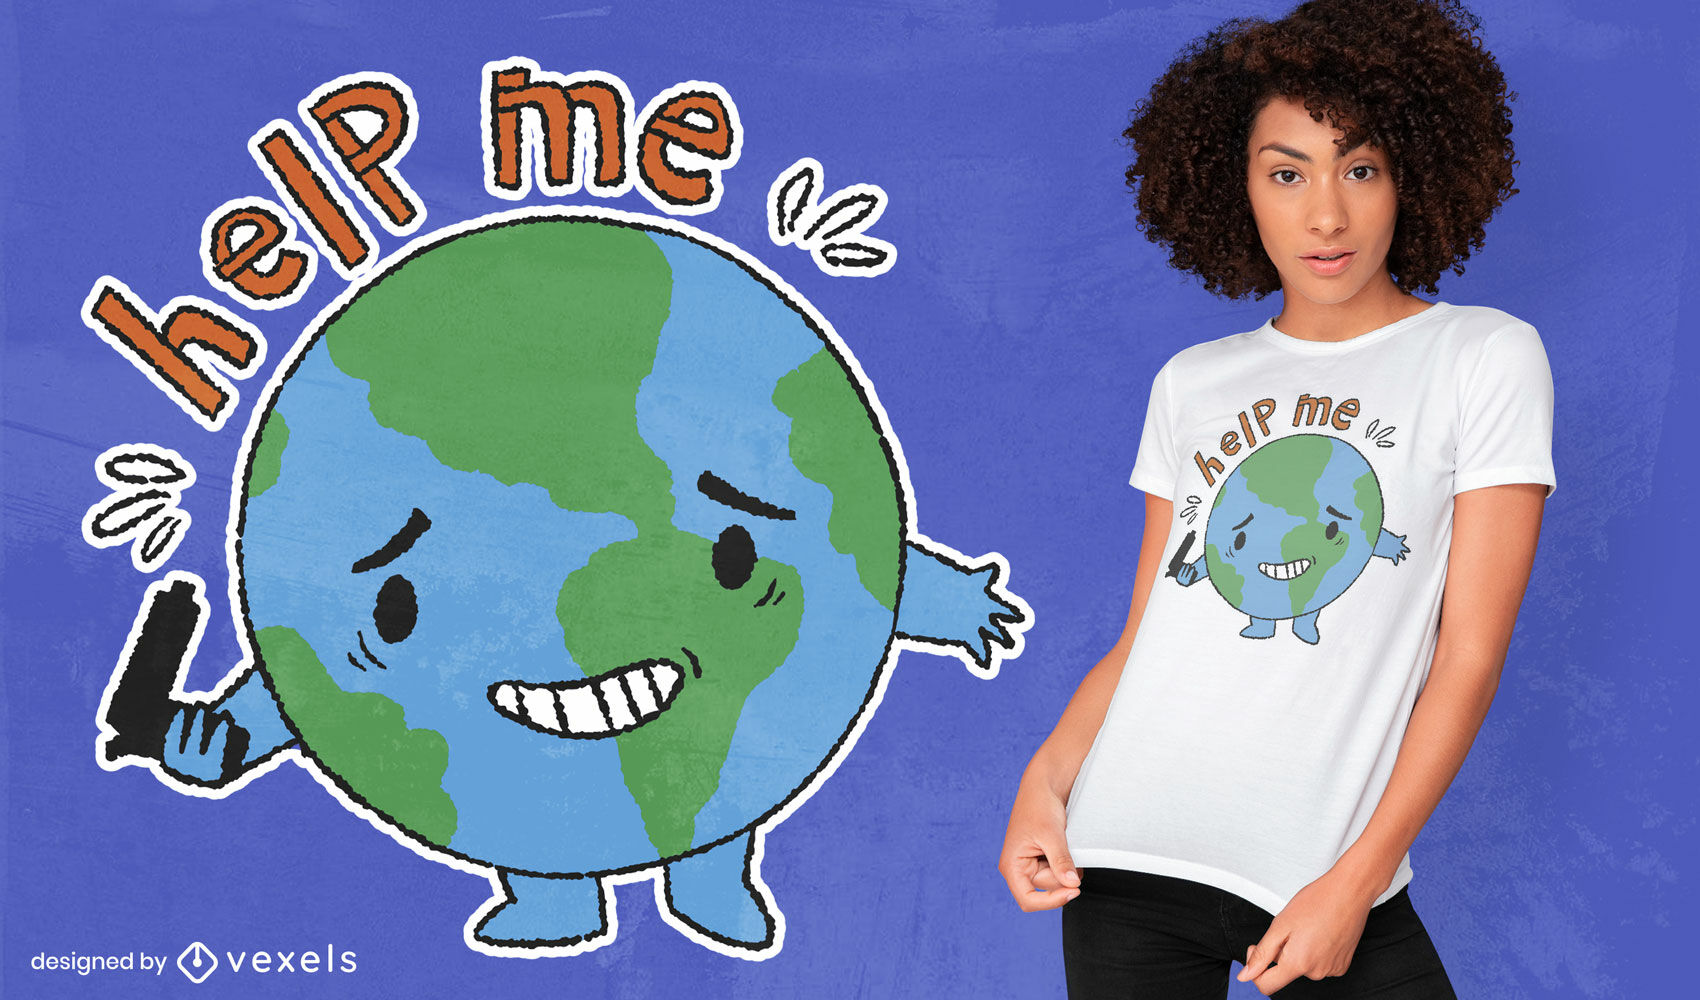 Planeta tierra de dibujos animados, ayúdame a citar el diseño de la camiseta